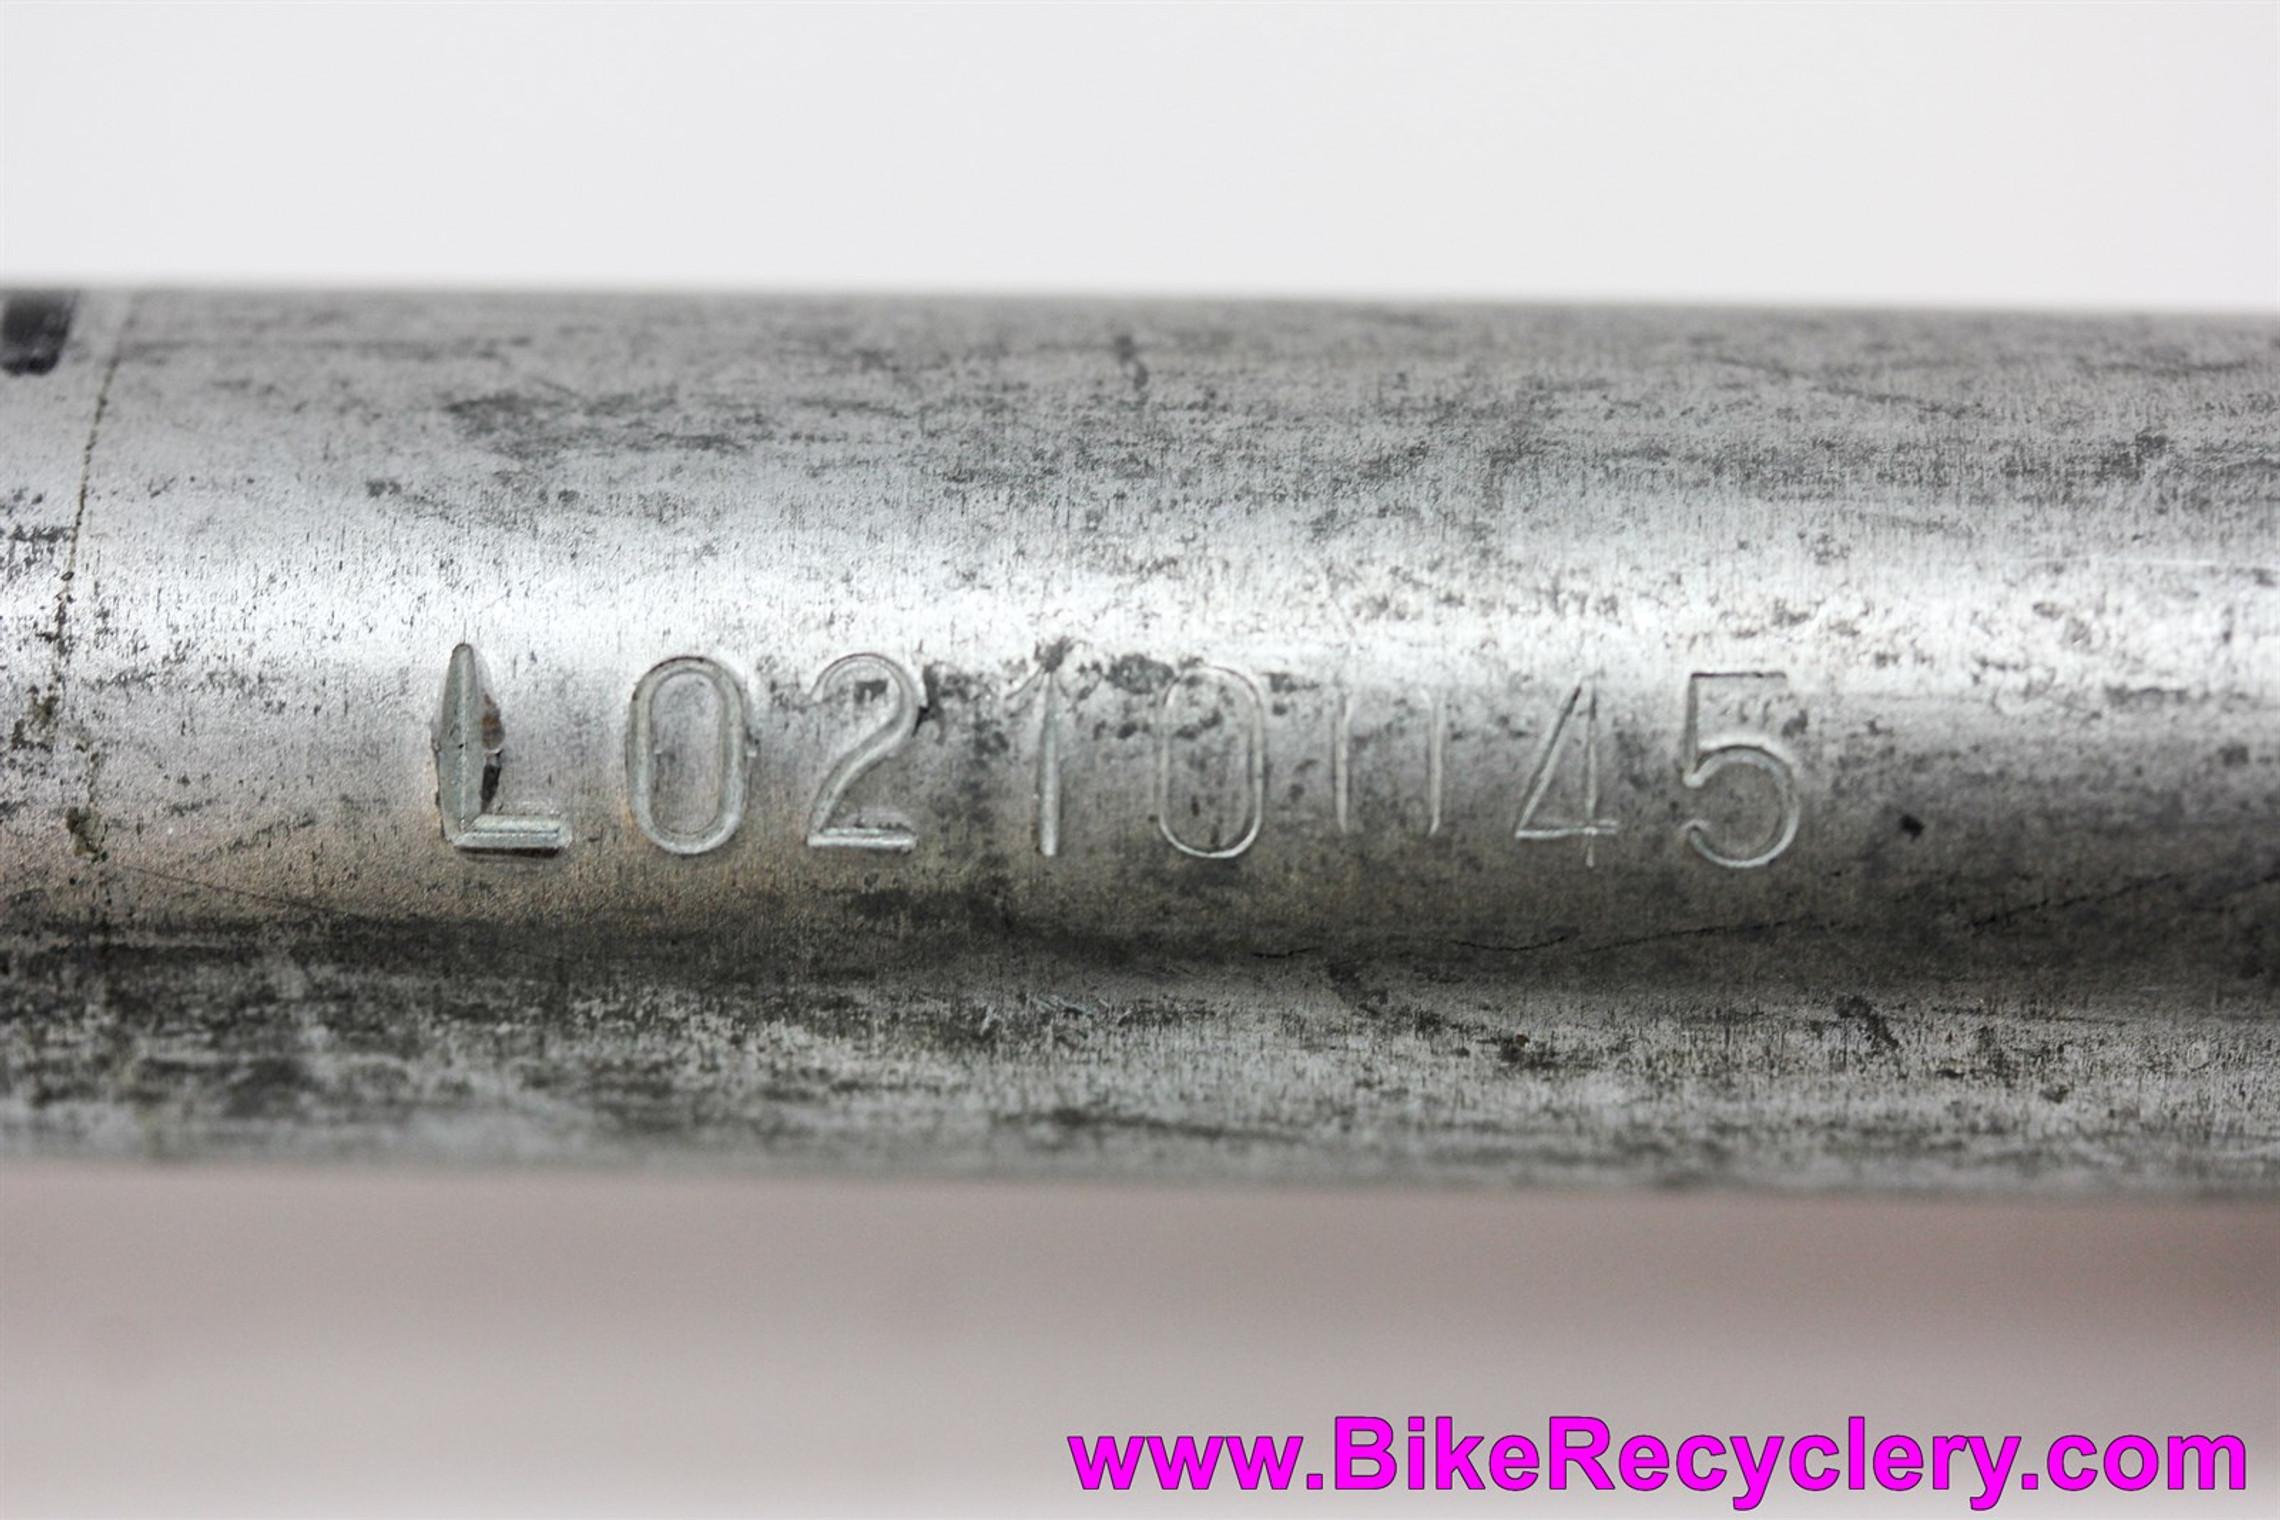 """NOS Vintage Kinesis Carbon 2 Road Fork: 1"""" Threaded - Black w/ Chrome Crown - 700c - Uncut 210mm Steerer (Take Off)"""